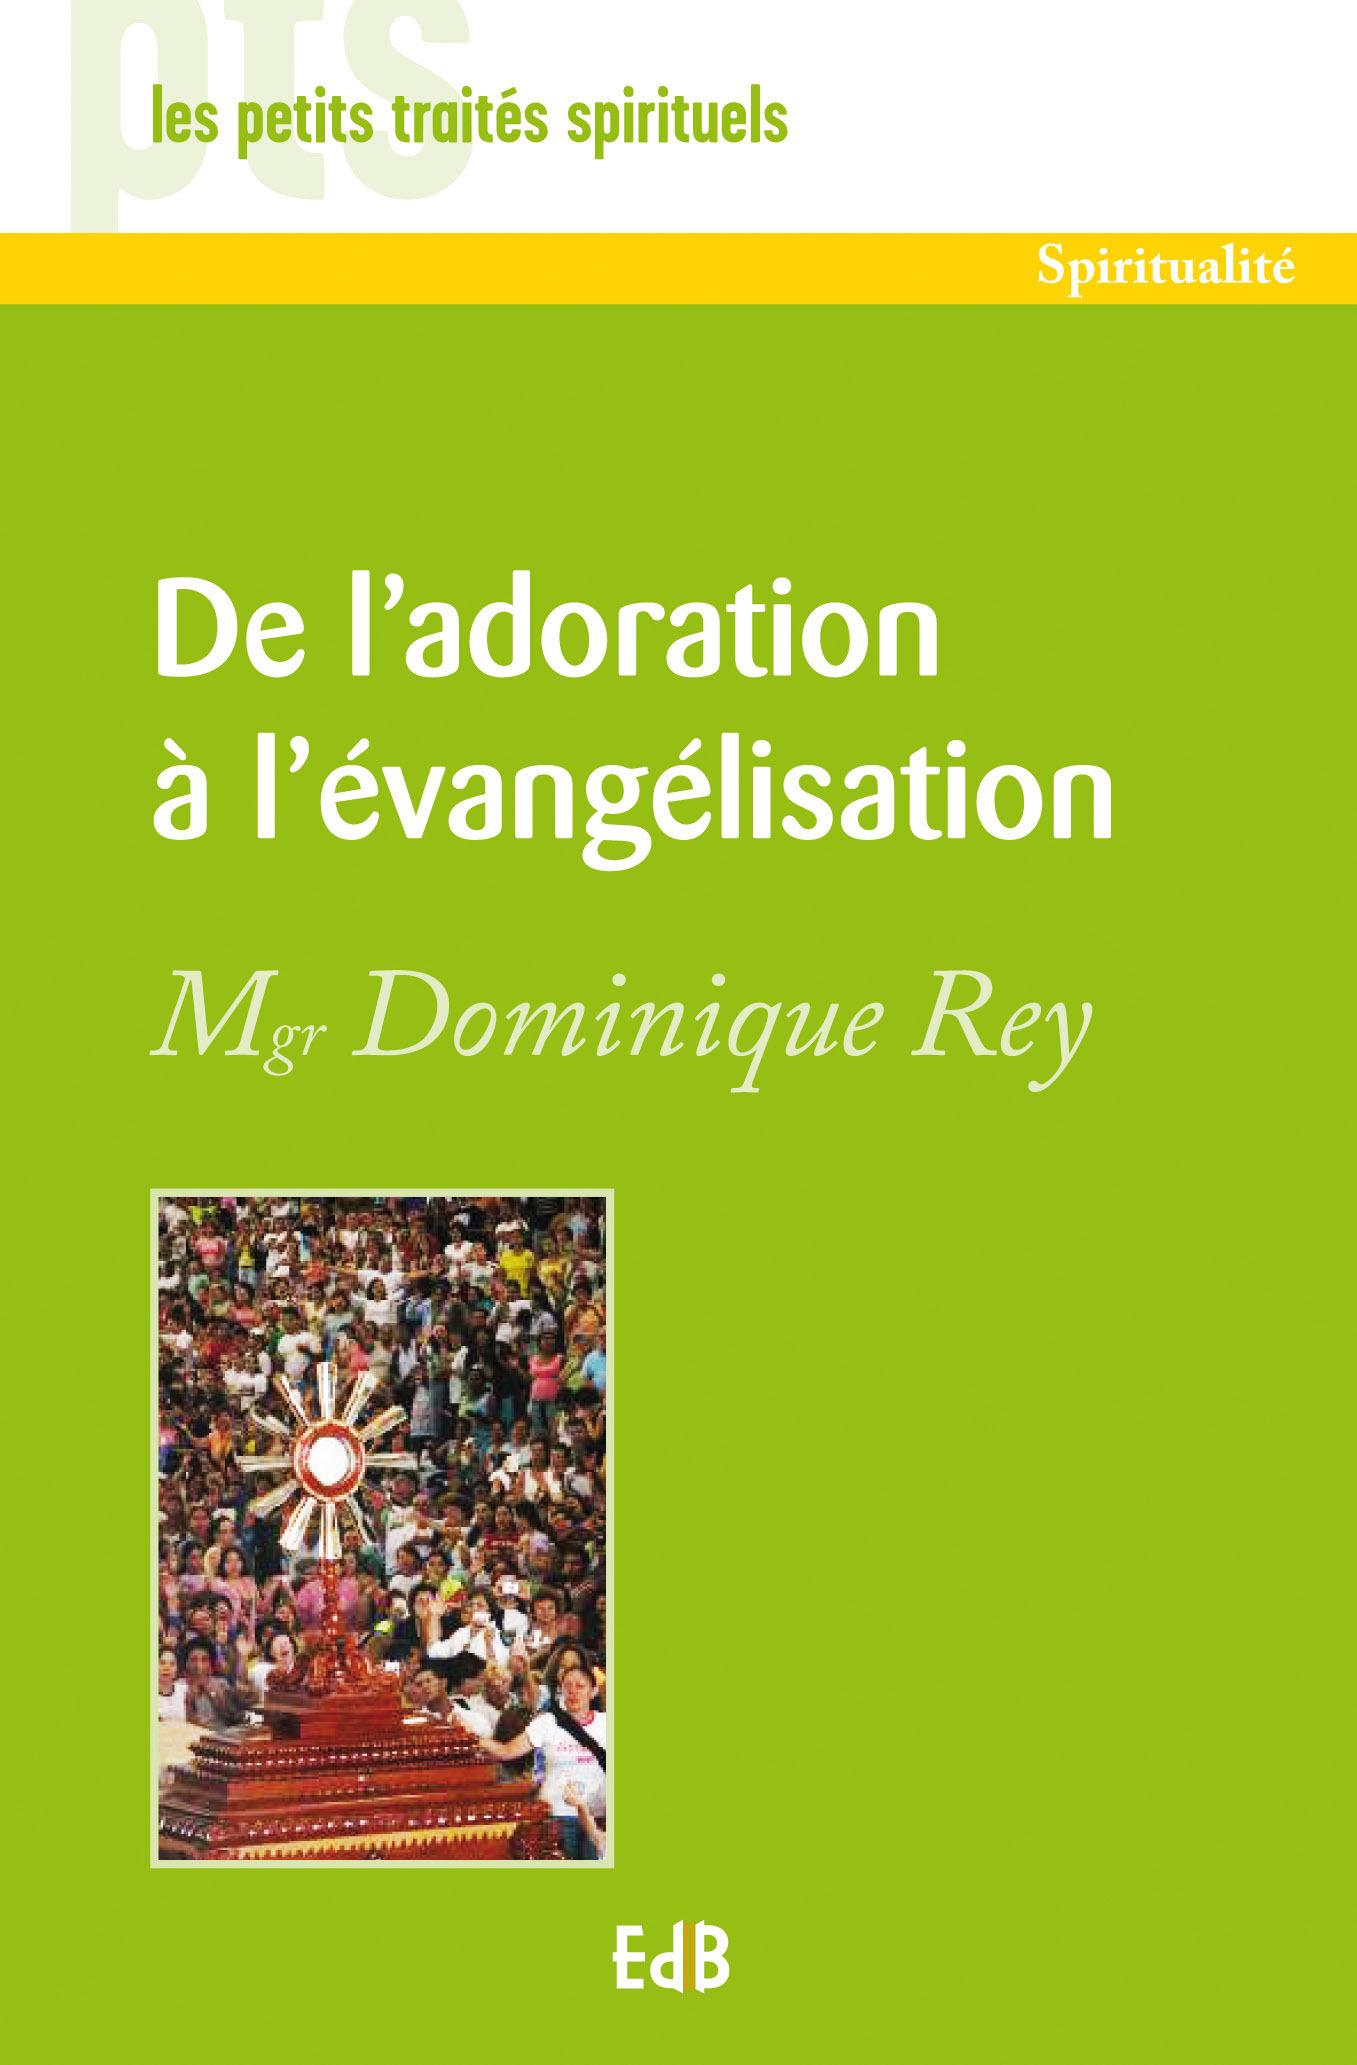 De l'adoration à l'évangelisation